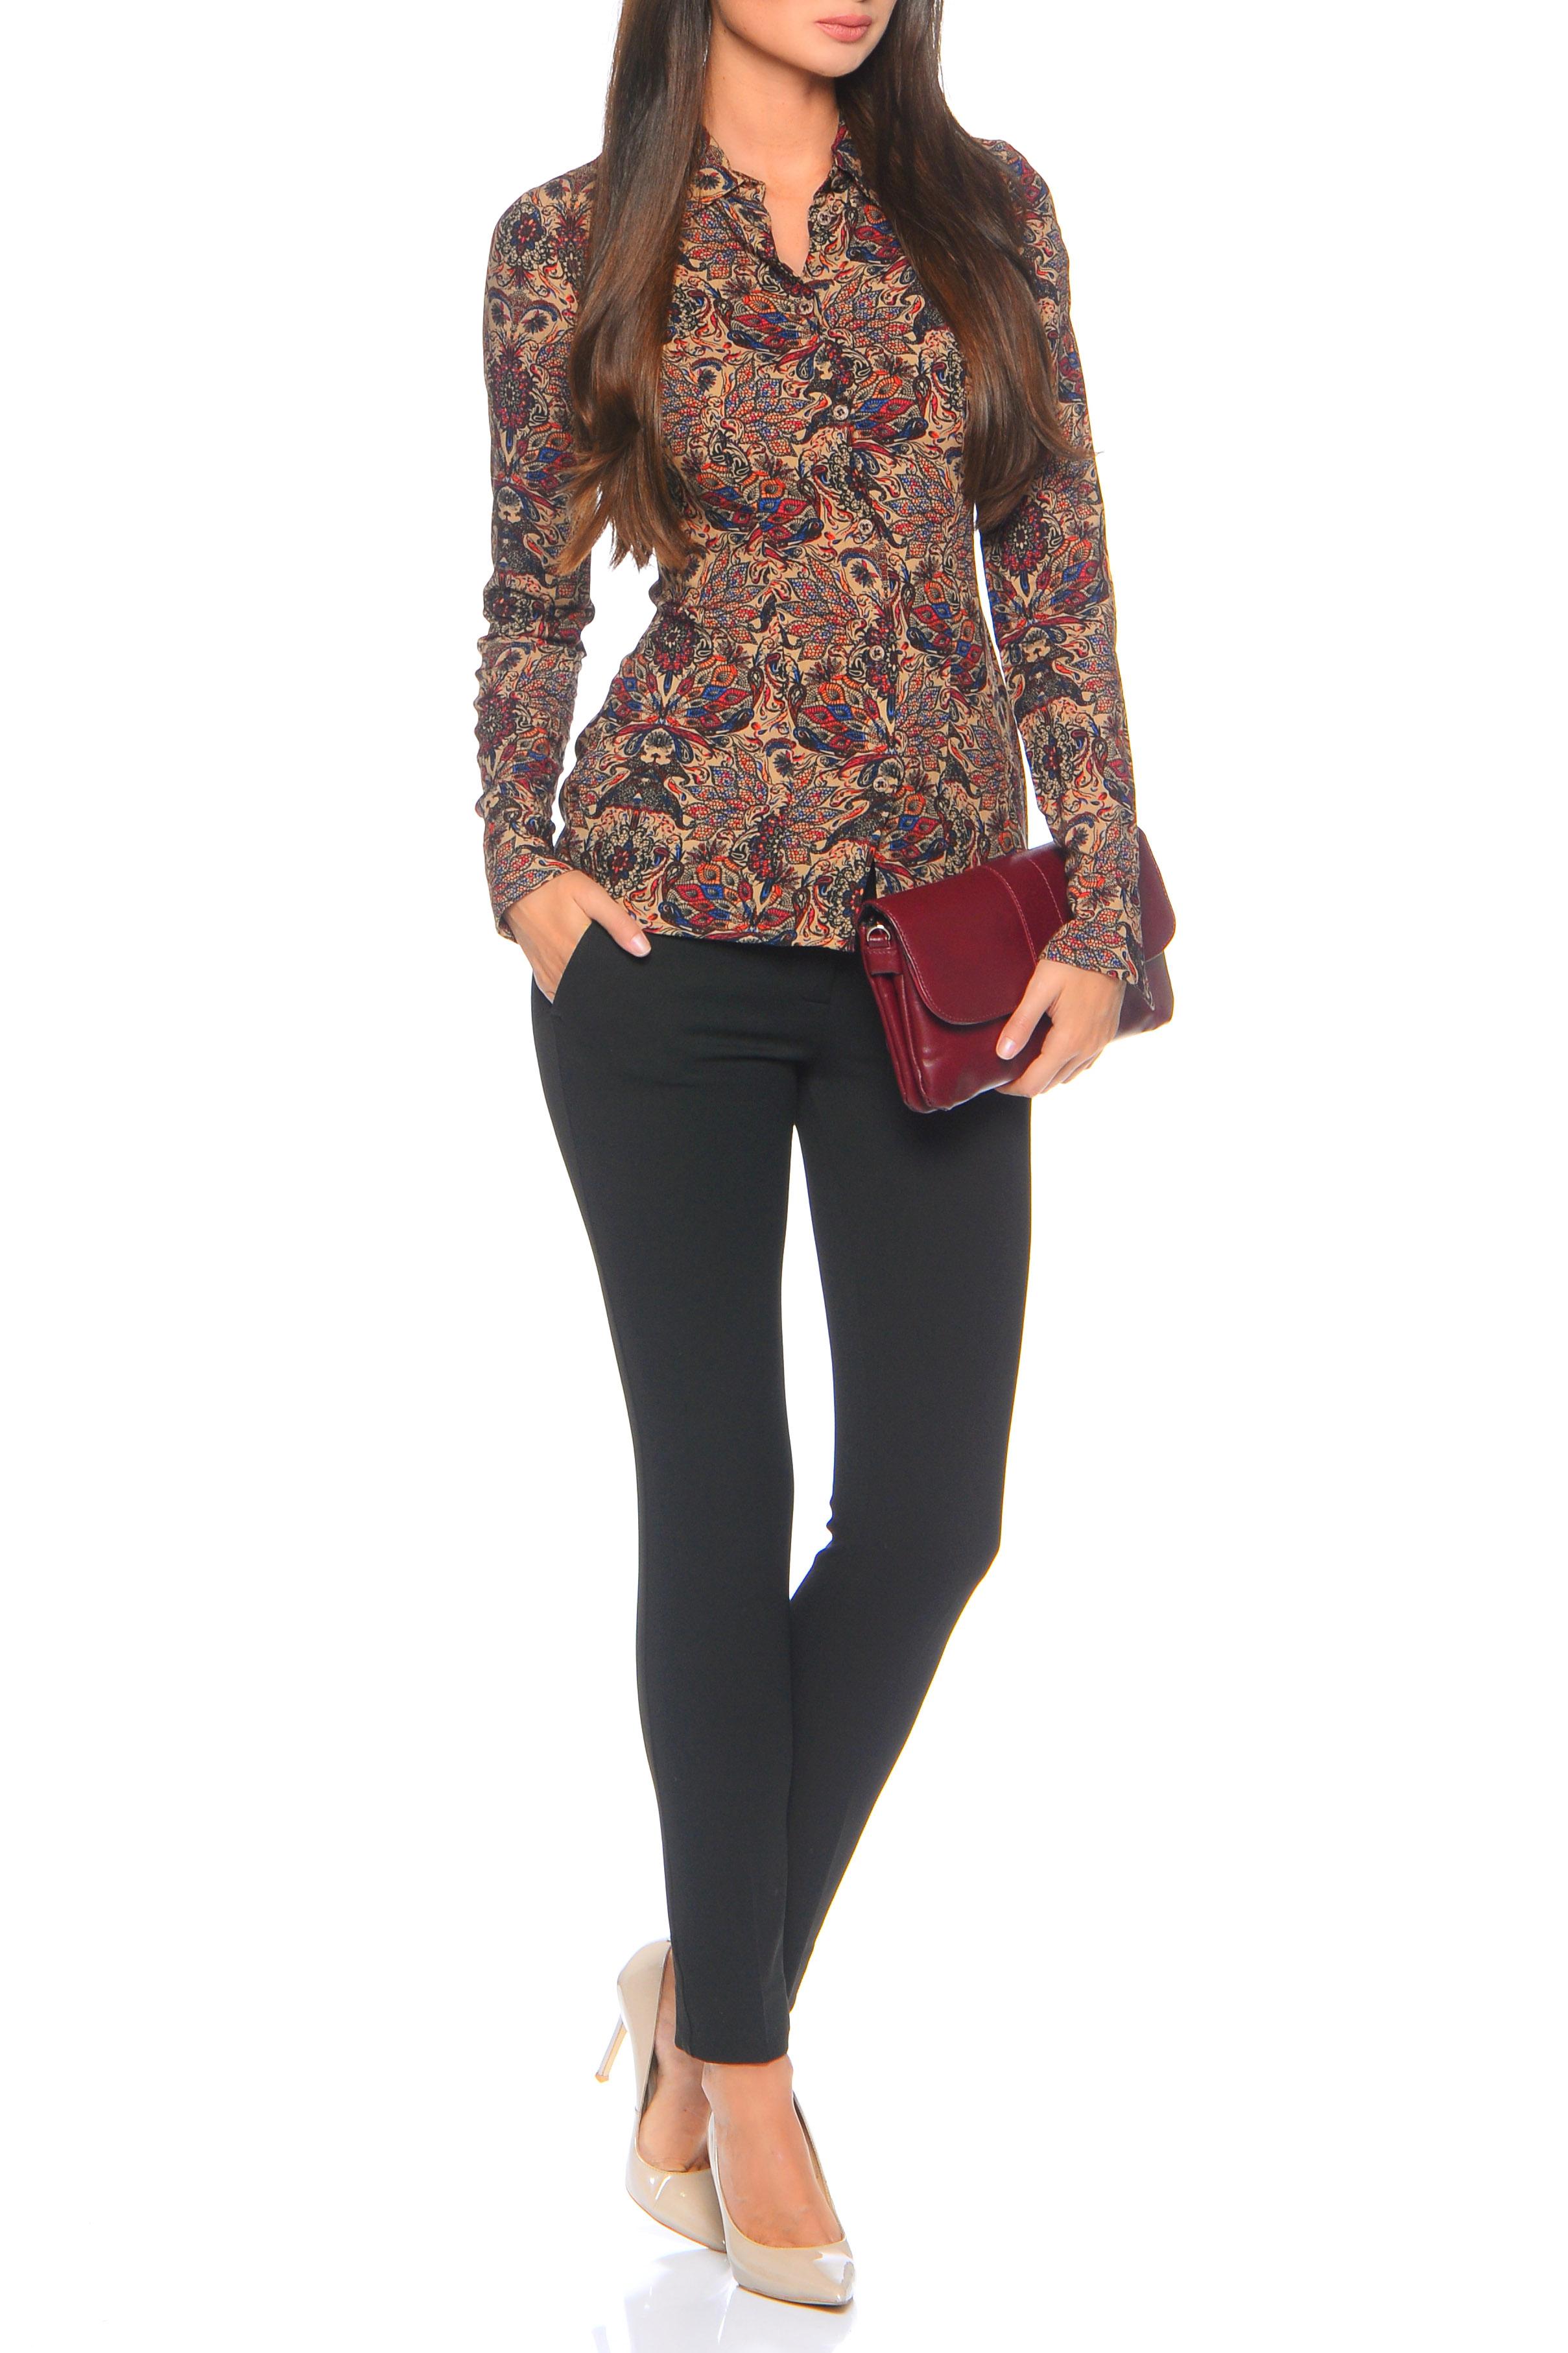 БлузкаРубашки<br>Блузка-рубашка прилегающего силуэта с вертикальным рядом пуговиц спереди, прямым воротником на стойке и длинным рукавом с отложной манжетой, которая помогает легко наращивать длину рукава. Универсальная длина рубашки до бедра позволяет высоким девушкам носить ее на выпуск, а миниатюрным заправляя в брюки и юбку. Неоспоримый плюс: изящный восточный витражный принт. Все это очень легко комбинируется с базовыми вещами гардероба, не зависимо от сезона. Внимание Блуза облегающего силуэта.   Ростовка изделия 170 см.  В изделии использованы цвета: бежевый и др.  Параметры размеров: 42 размер соответствует обхвату груди 80 см;  44 размер соответствует обхвату груди 84 см;  46 размер соответствует обхвату груди 88 см;  48 размер соответствует обхвату груди 92 см;  50 размер соответствует обхвату груди 98 см;  52 размер соответствует обхвату груди 100 см;  54 размер соответствует обхвату груди 100 см.<br><br>Воротник: Рубашечный<br>Застежка: С пуговицами<br>По материалу: Вискоза,Тканевые<br>По рисунку: С принтом,Цветные,Этнические<br>По сезону: Весна,Зима,Лето,Осень,Всесезон<br>По силуэту: Приталенные<br>По стилю: Повседневный стиль<br>По элементам: С манжетами<br>Рукав: Длинный рукав<br>Размер : 44,46,48<br>Материал: Вискоза<br>Количество в наличии: 3